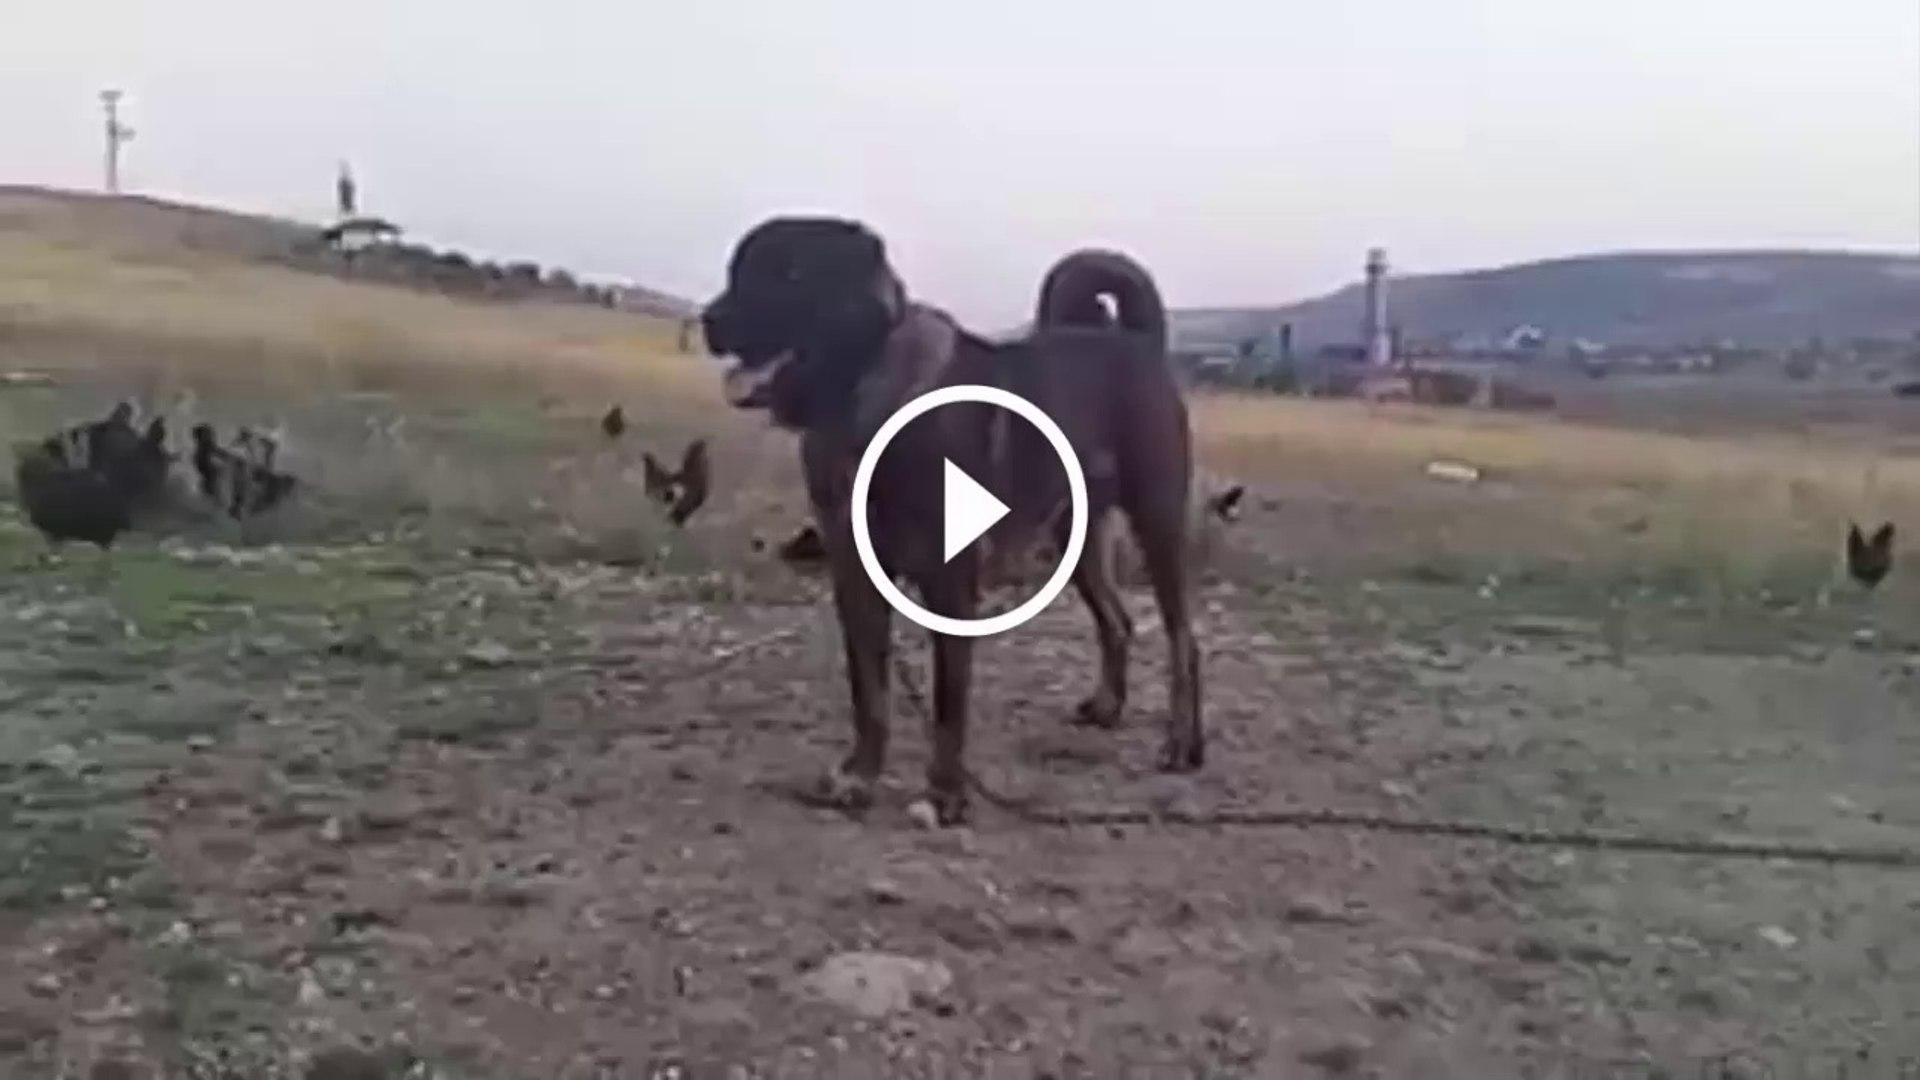 SiMiT KUYRUK KARA KIRCIL ANADOLU COBAN KOPEGi - BLACK ANATOLiAN SHEPHERD DOG